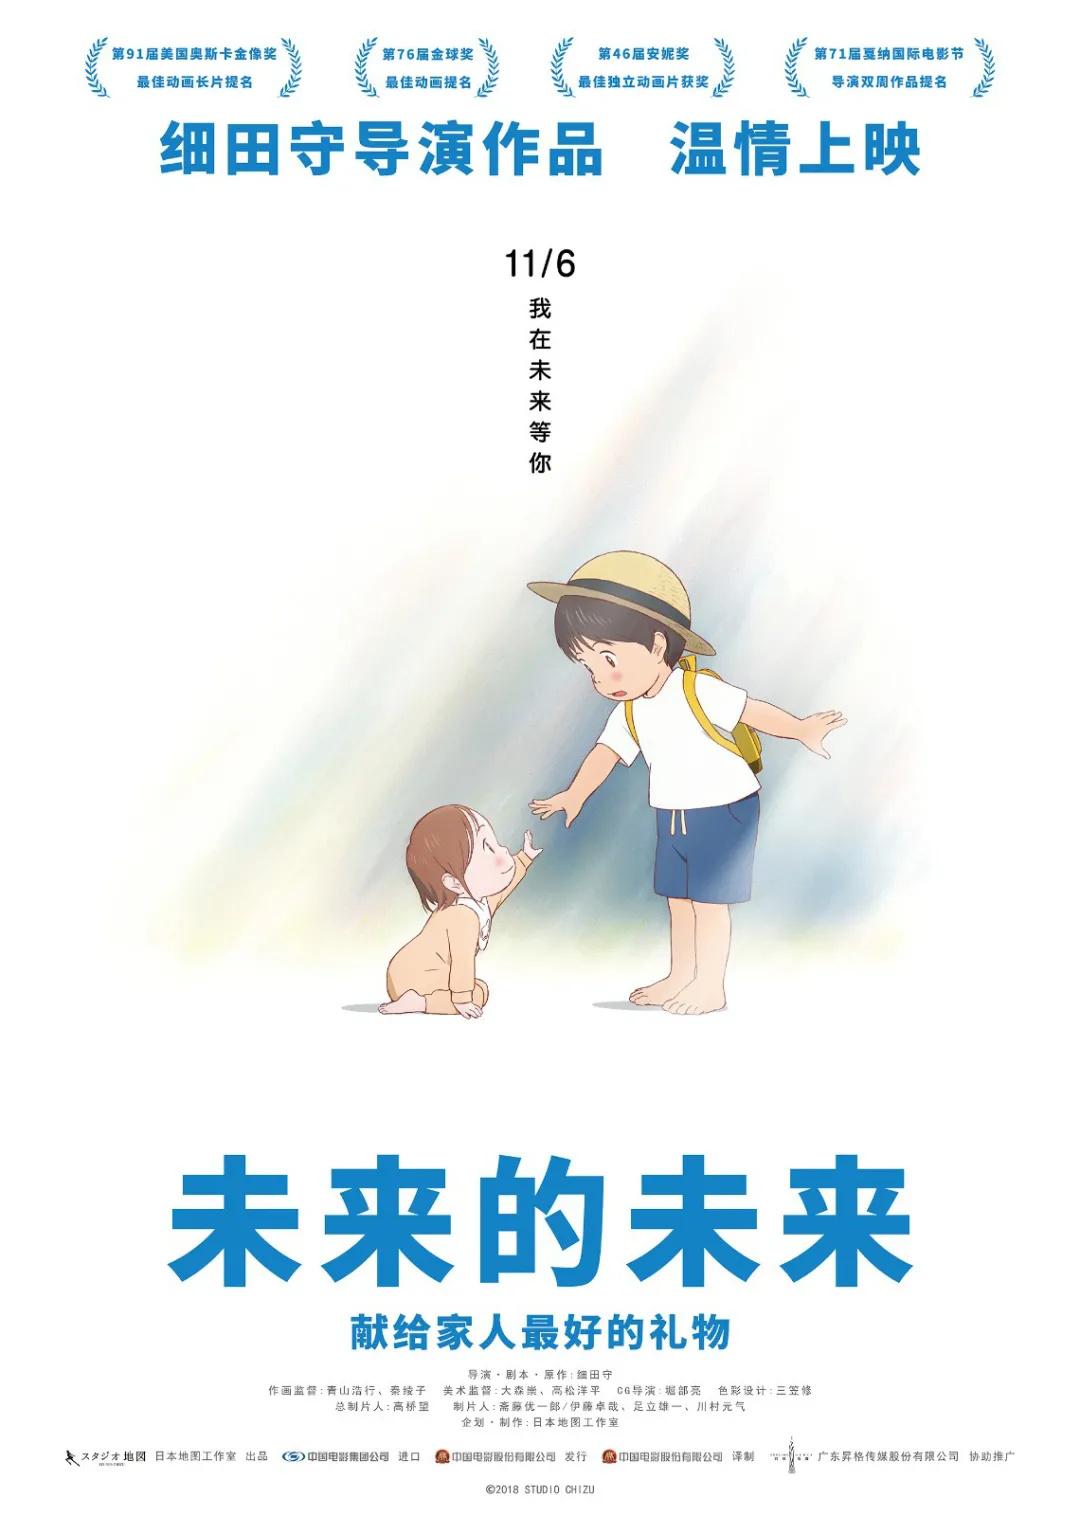 11月观影指南 | 张艺谋刘德华等32部新片引爆影市 第19张